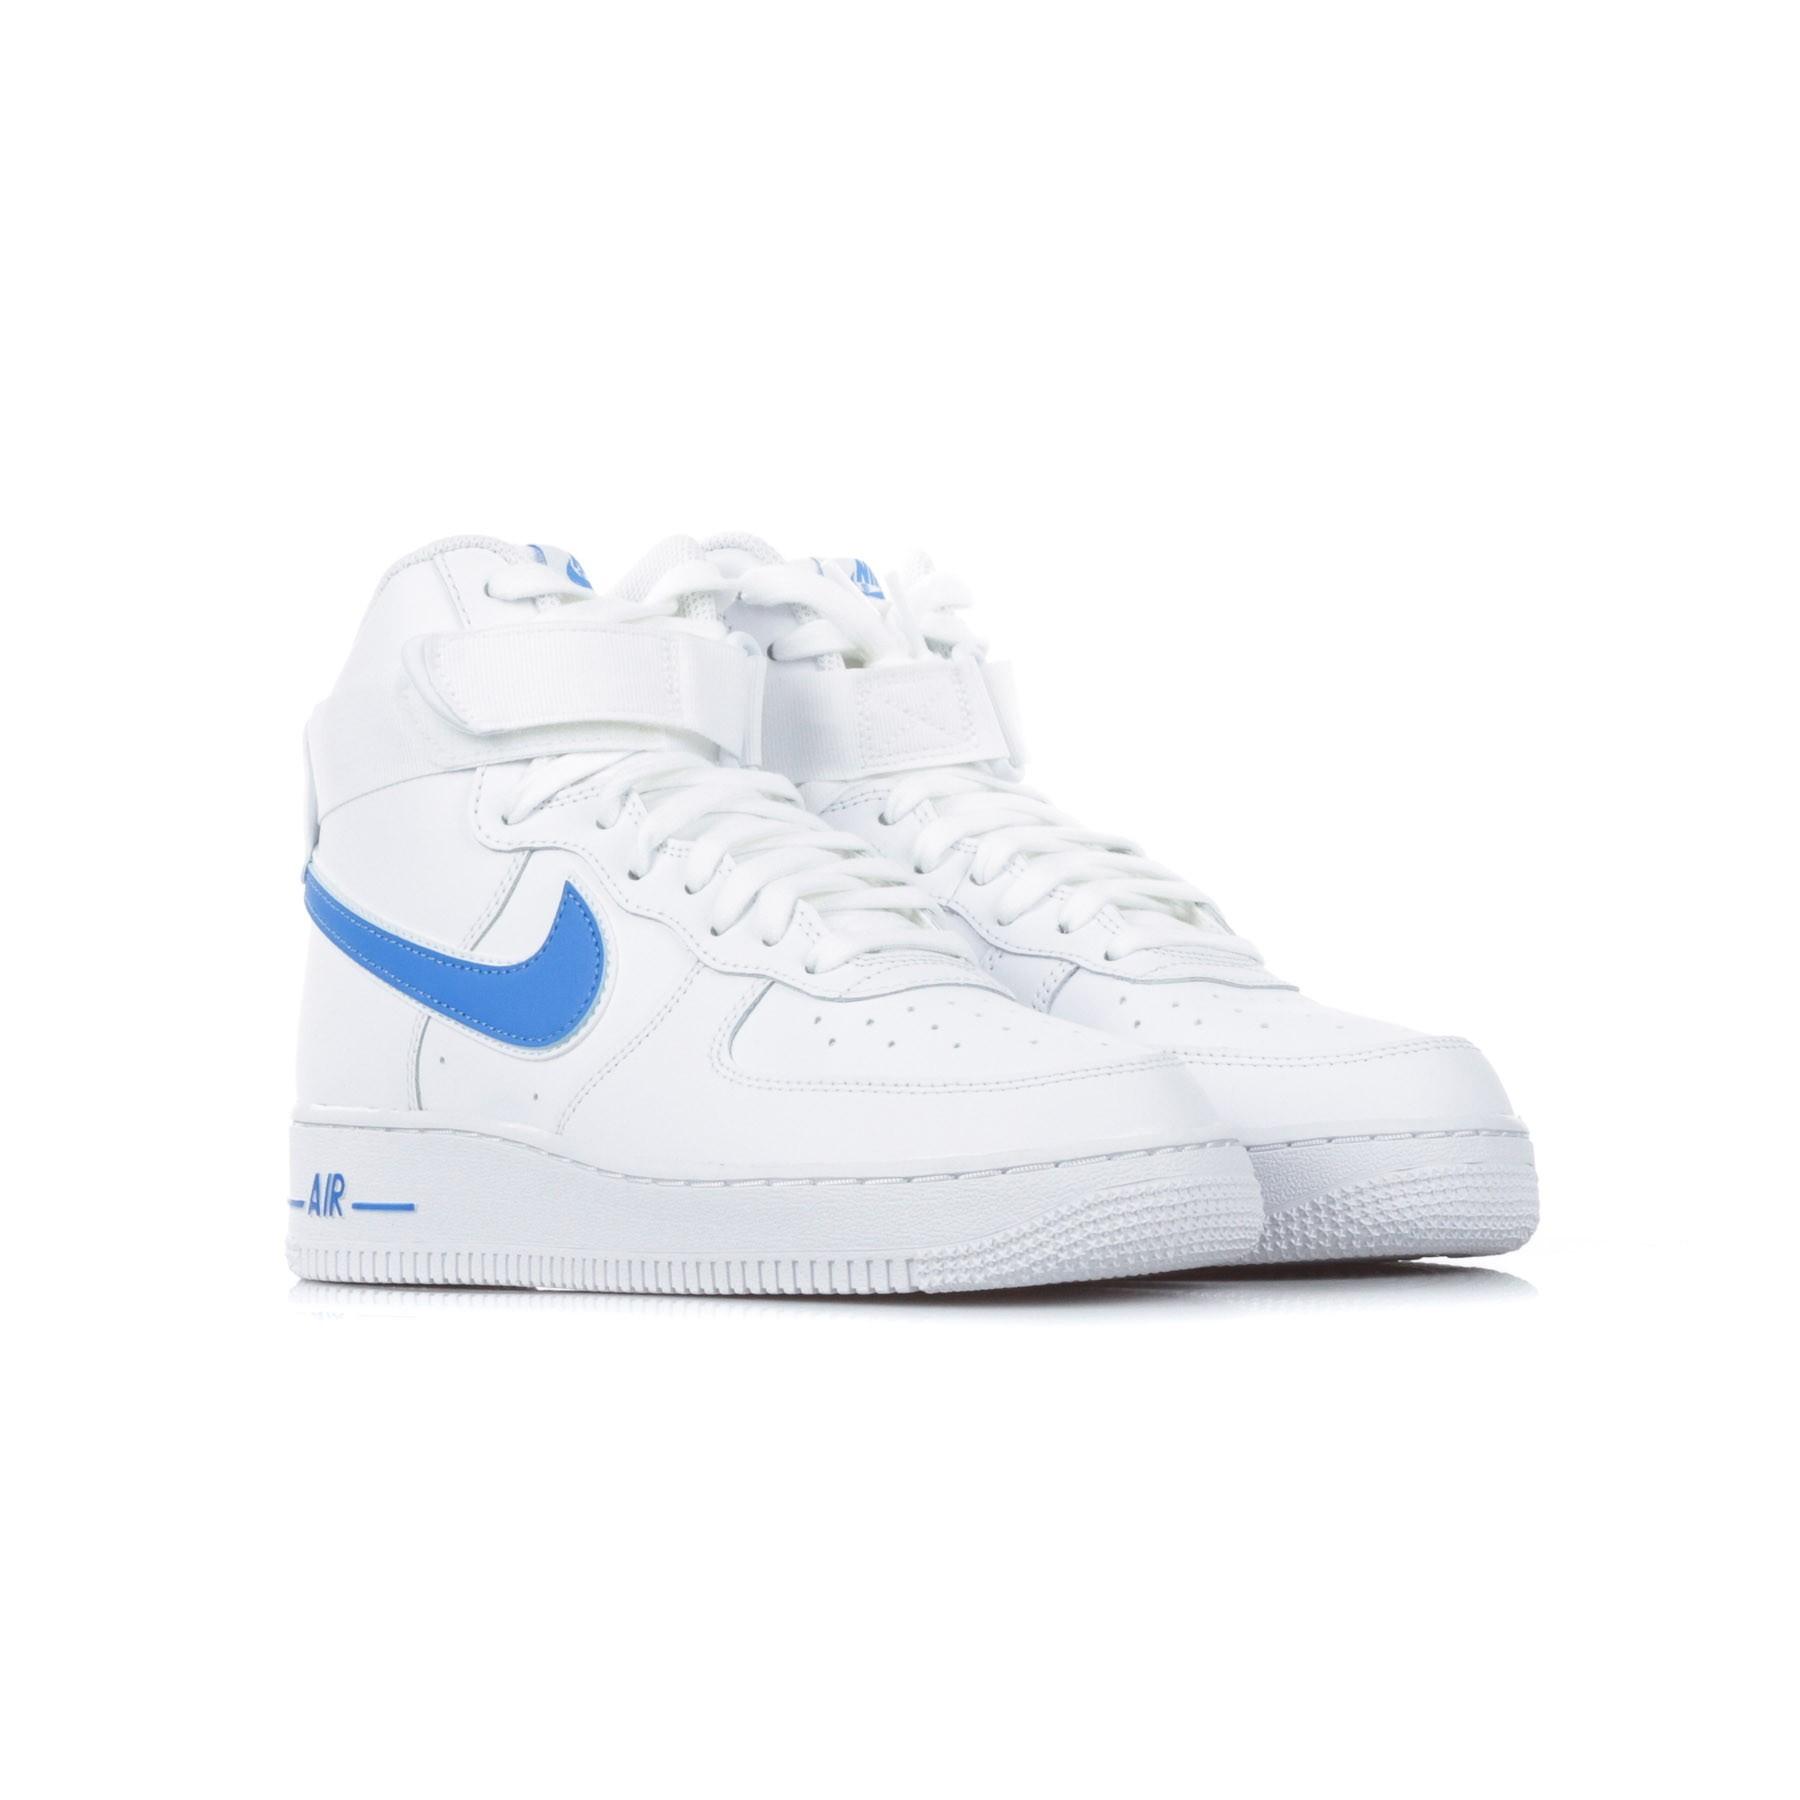 scarpa alta uomo air force 1 high '07 3 WHITE/WHITE/PHOTO BLUE